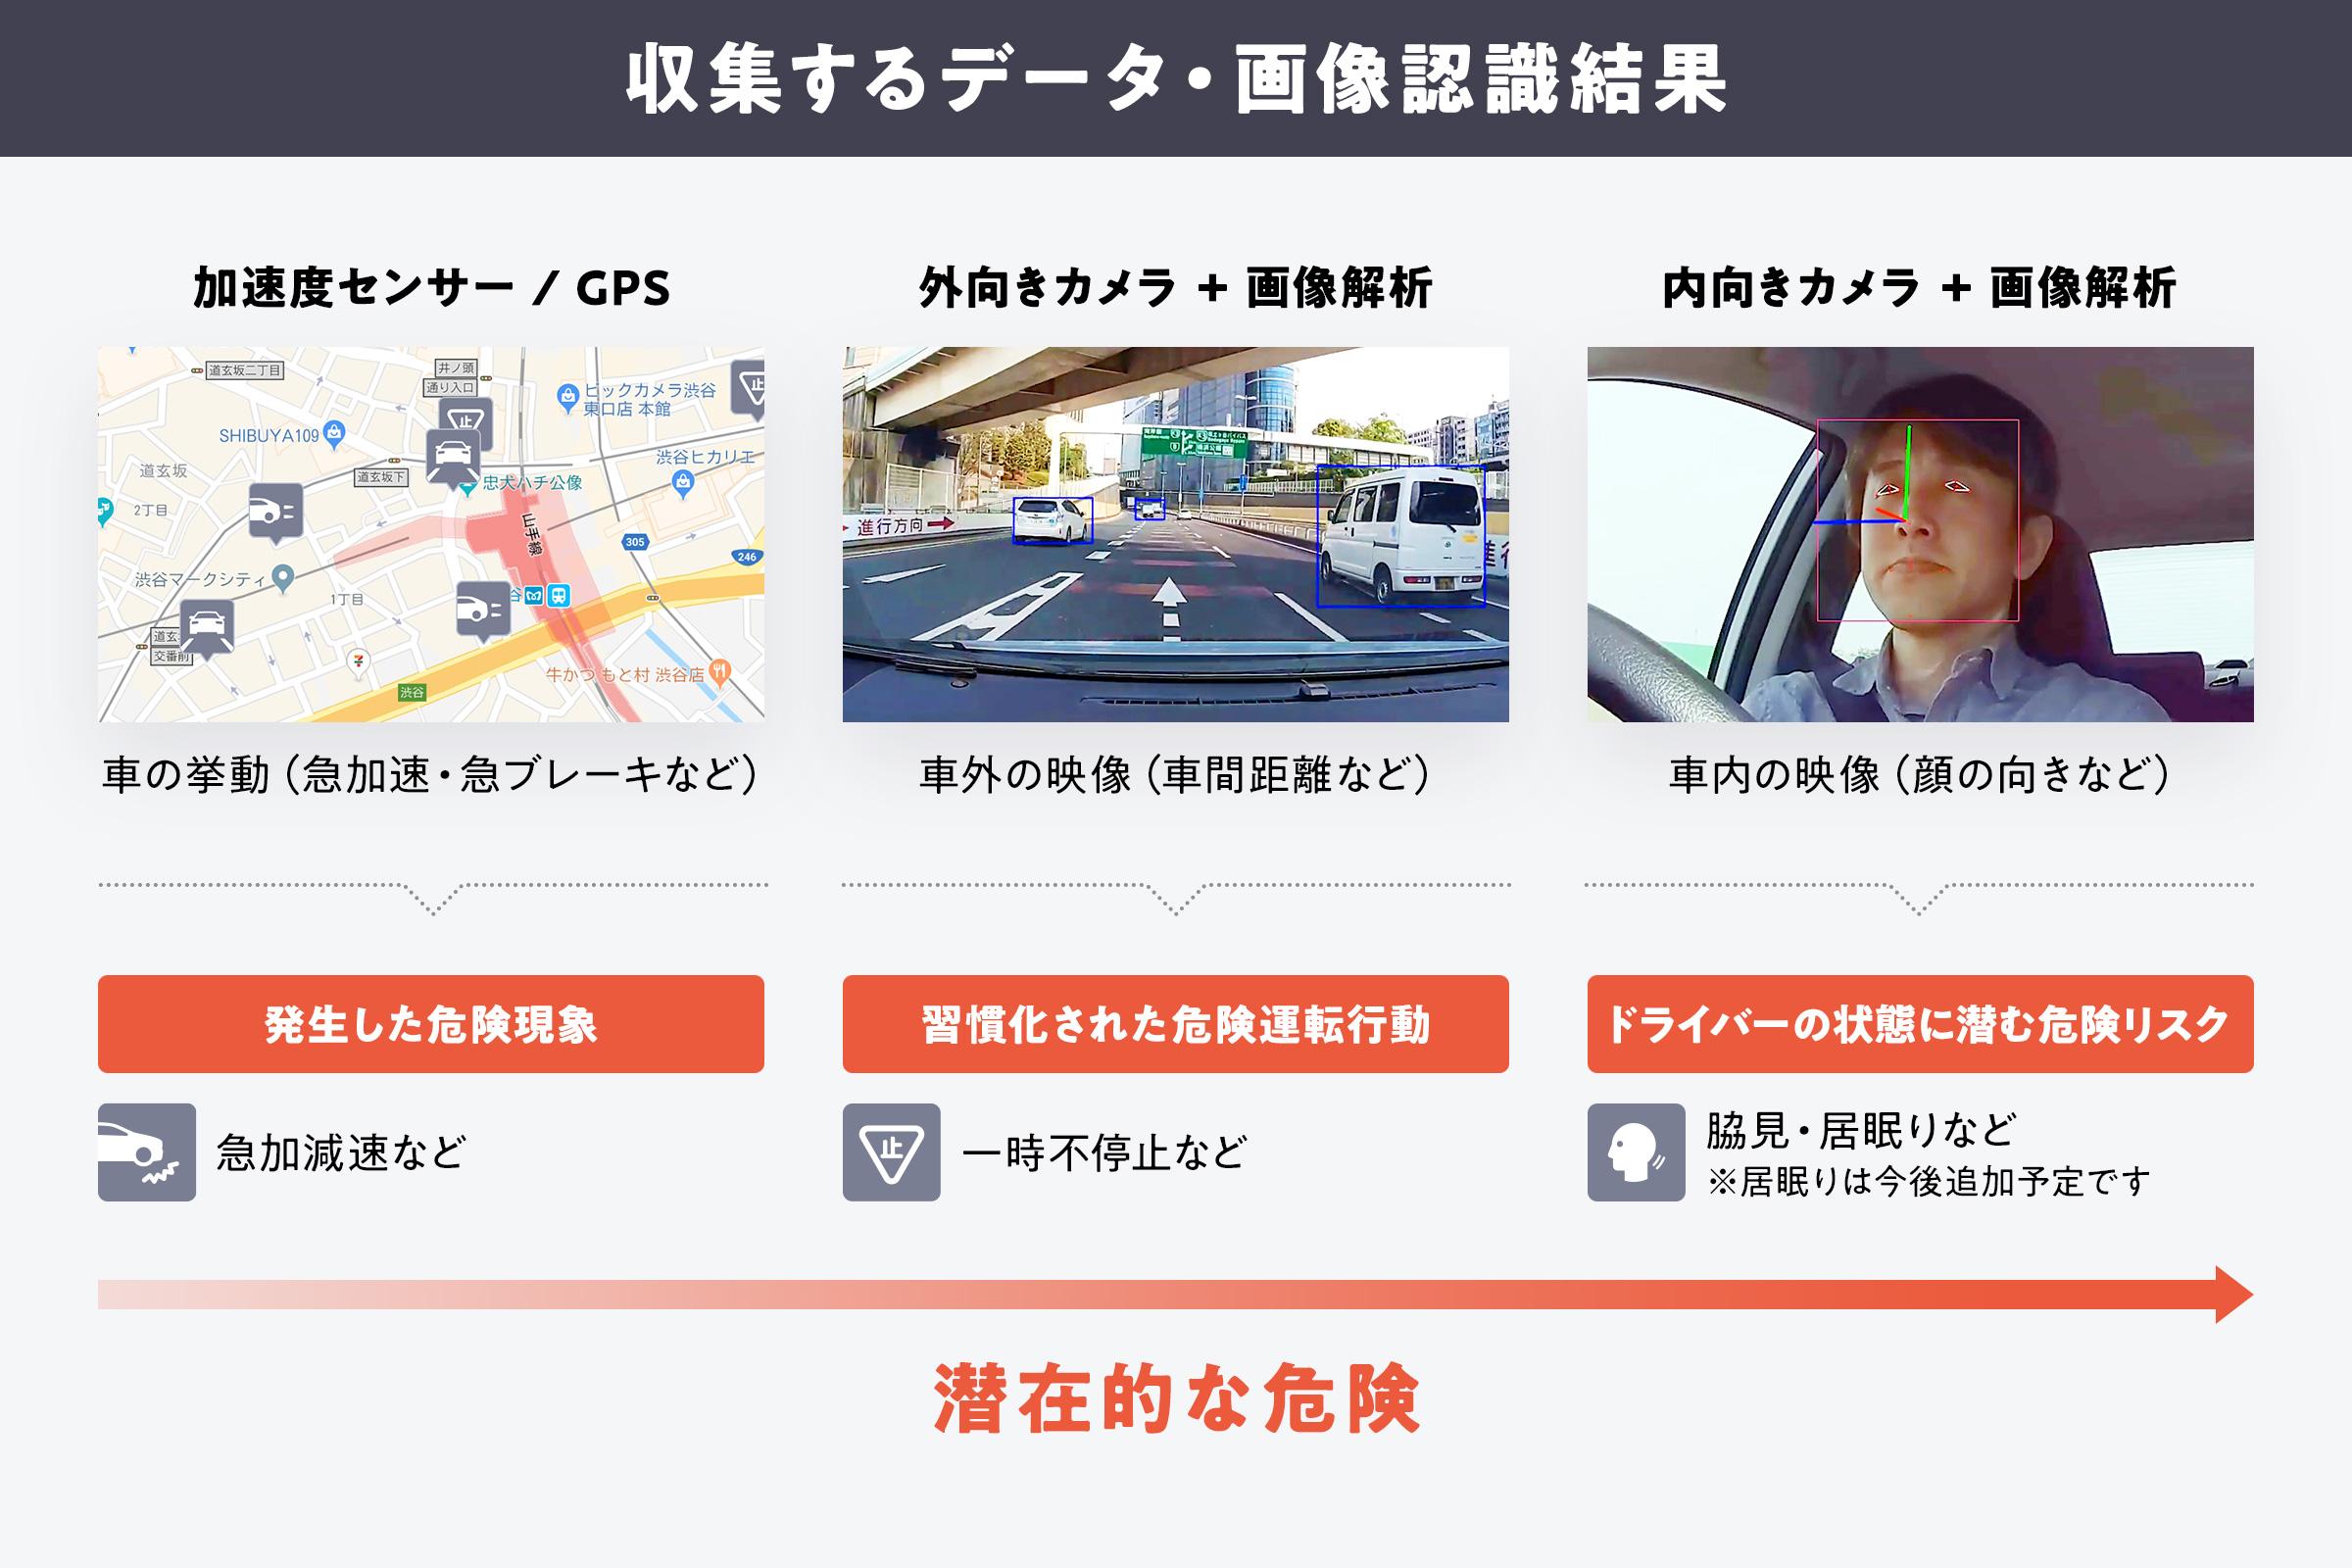 Nhật Bản ứng dụng trí tuệ nhân tạo trong ngăn ngừa tai nạn giao thông - 03